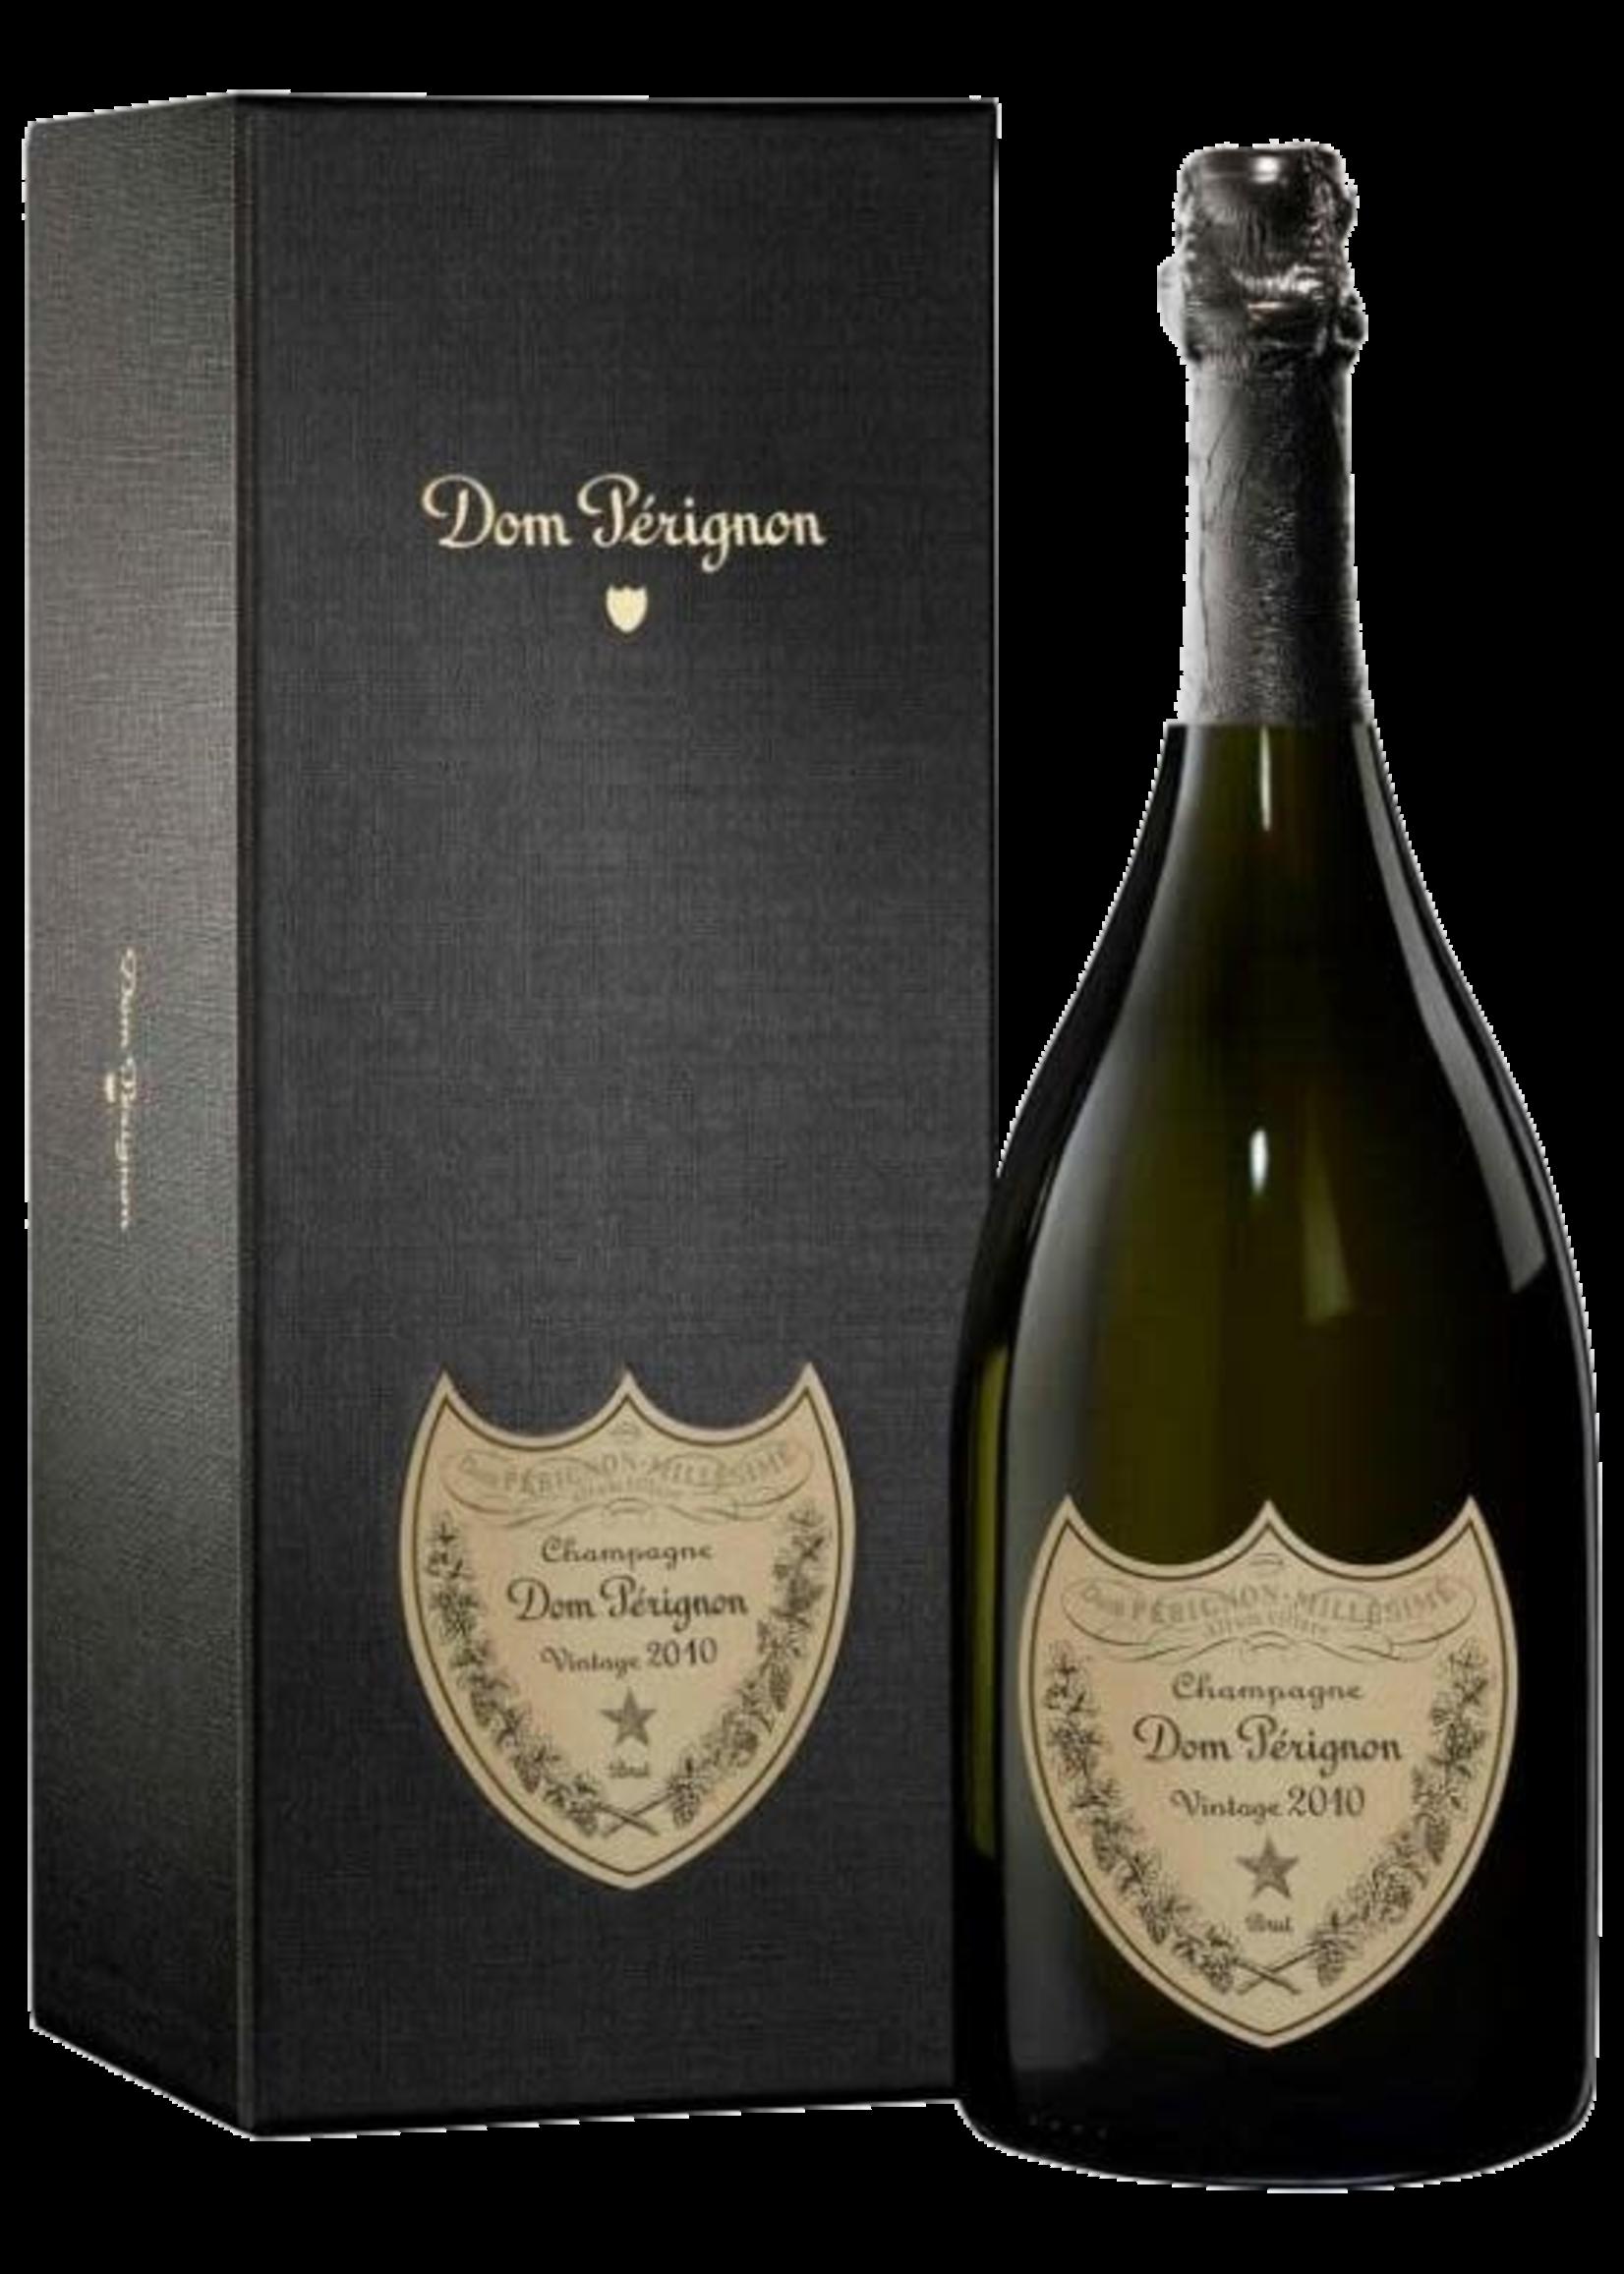 Dom Perignon Dom Perignon / 2010 Vintage / 750mL